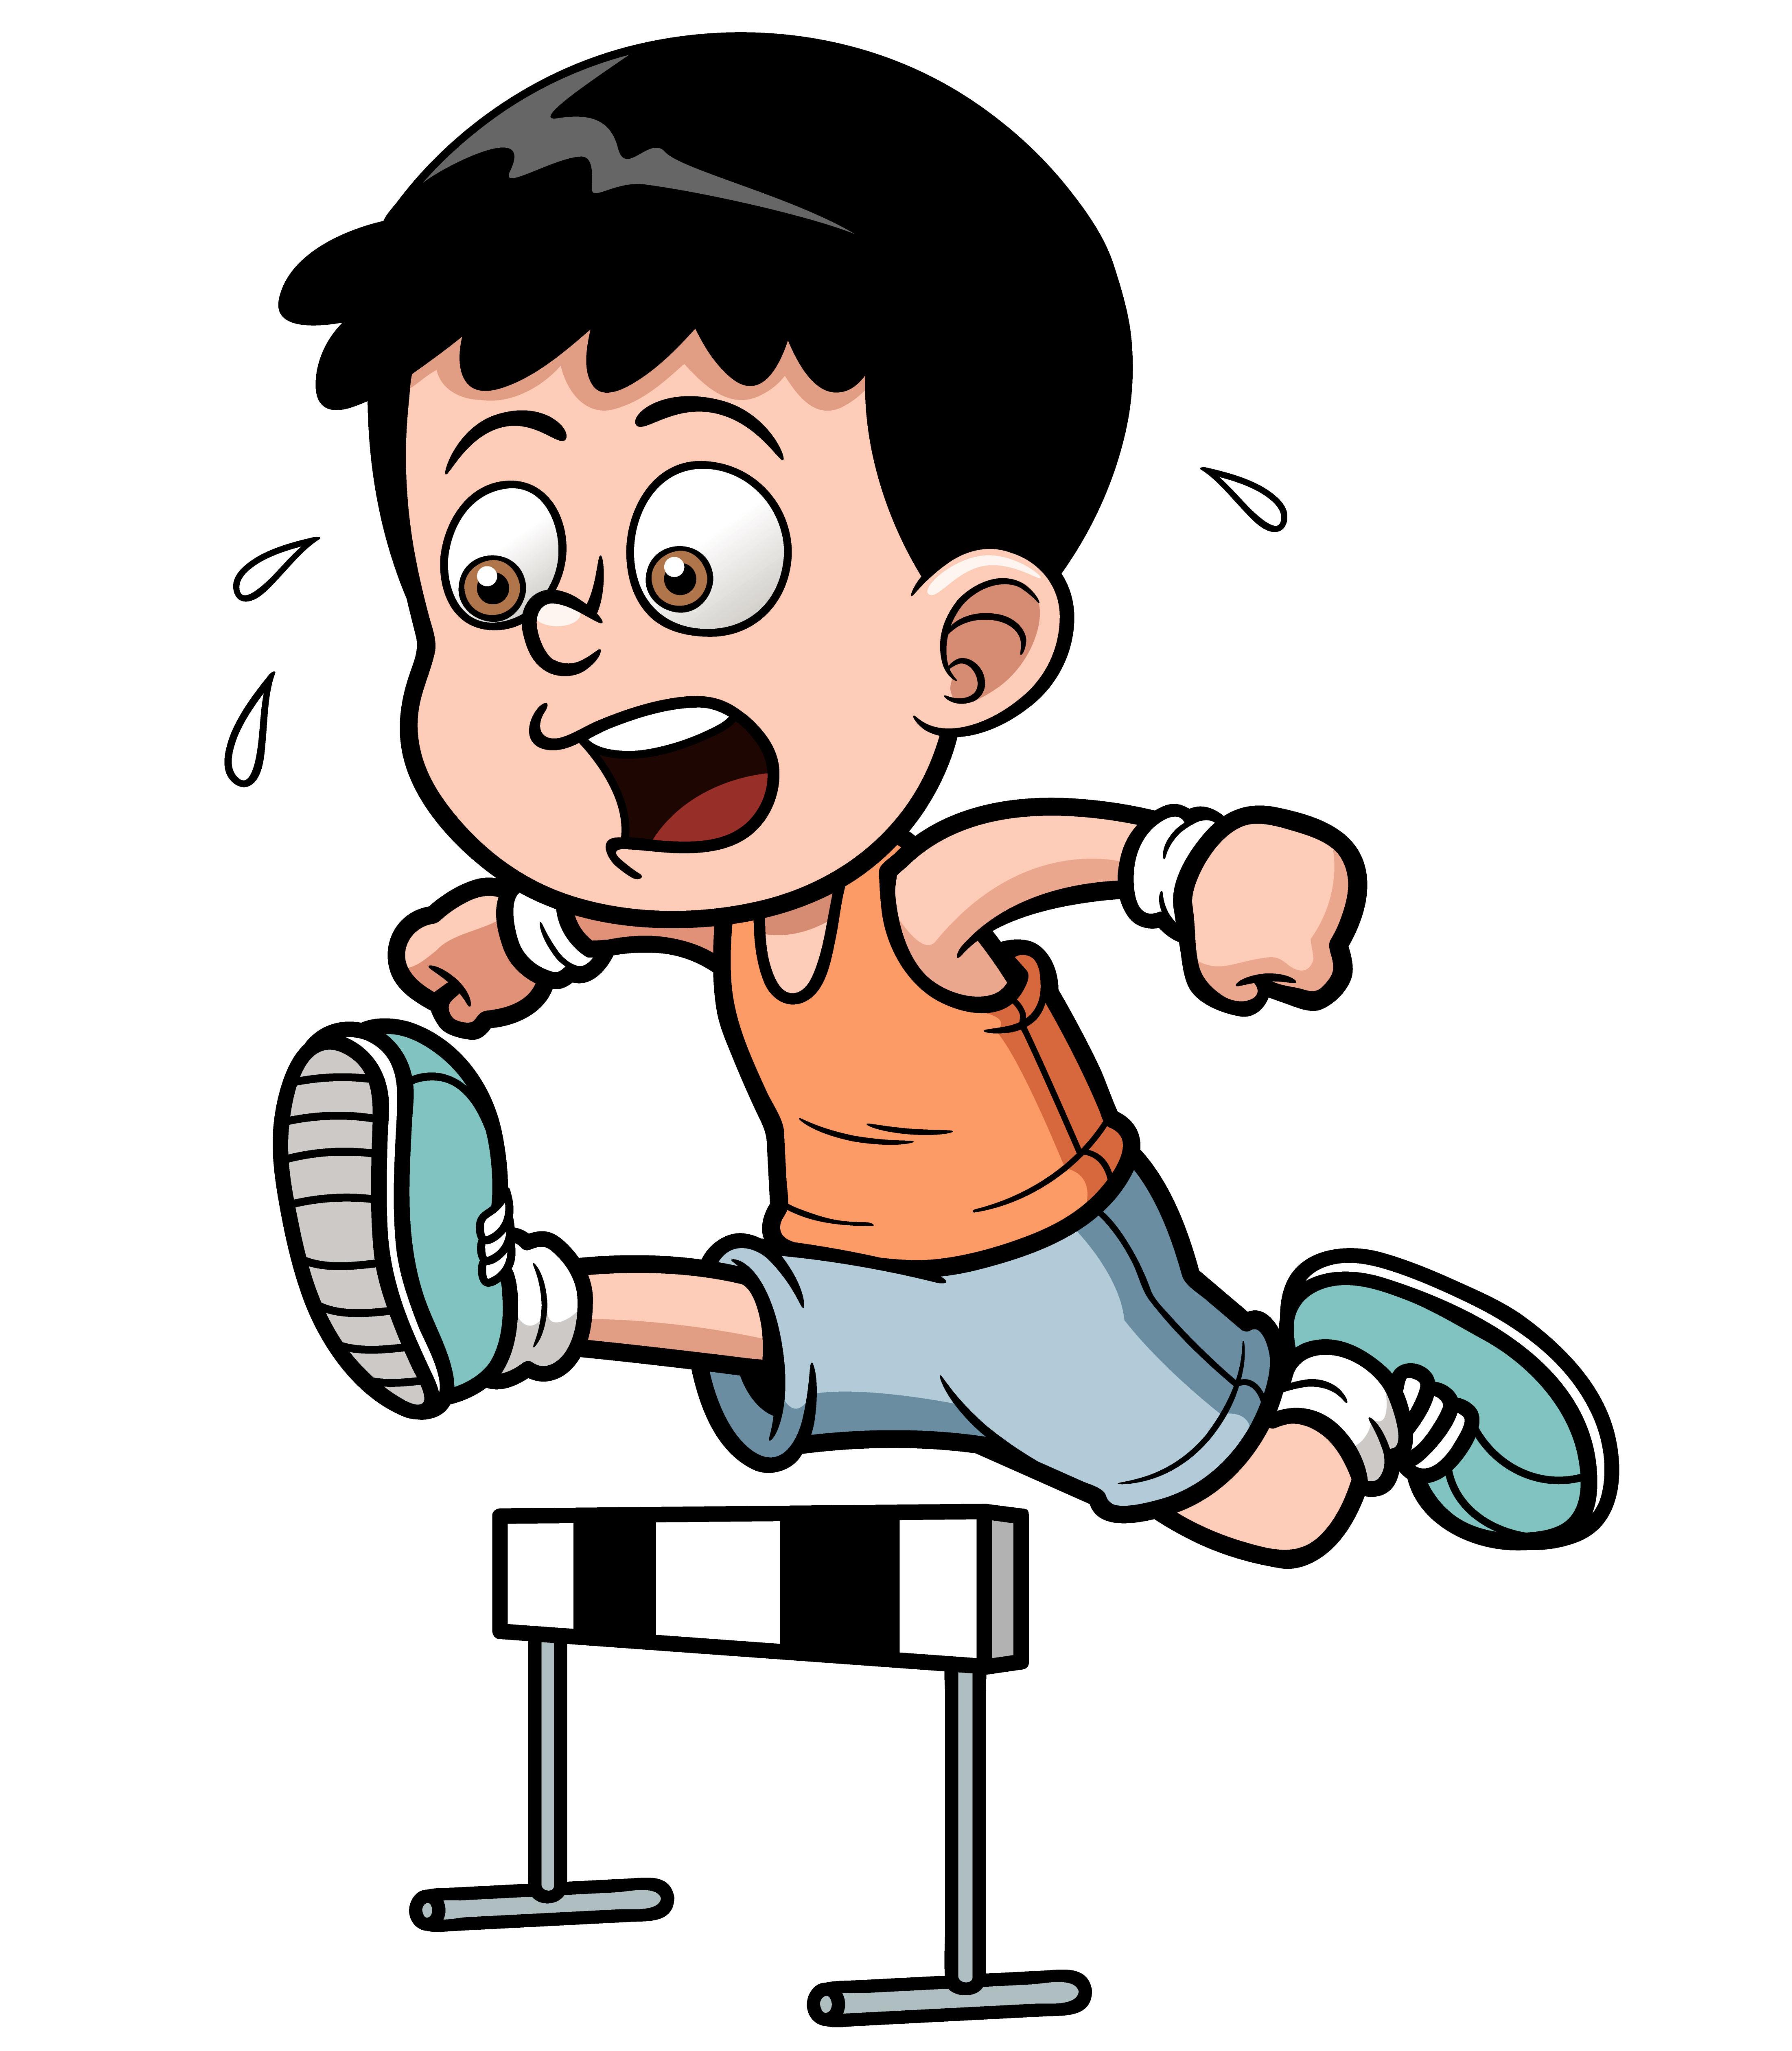 child running clip art